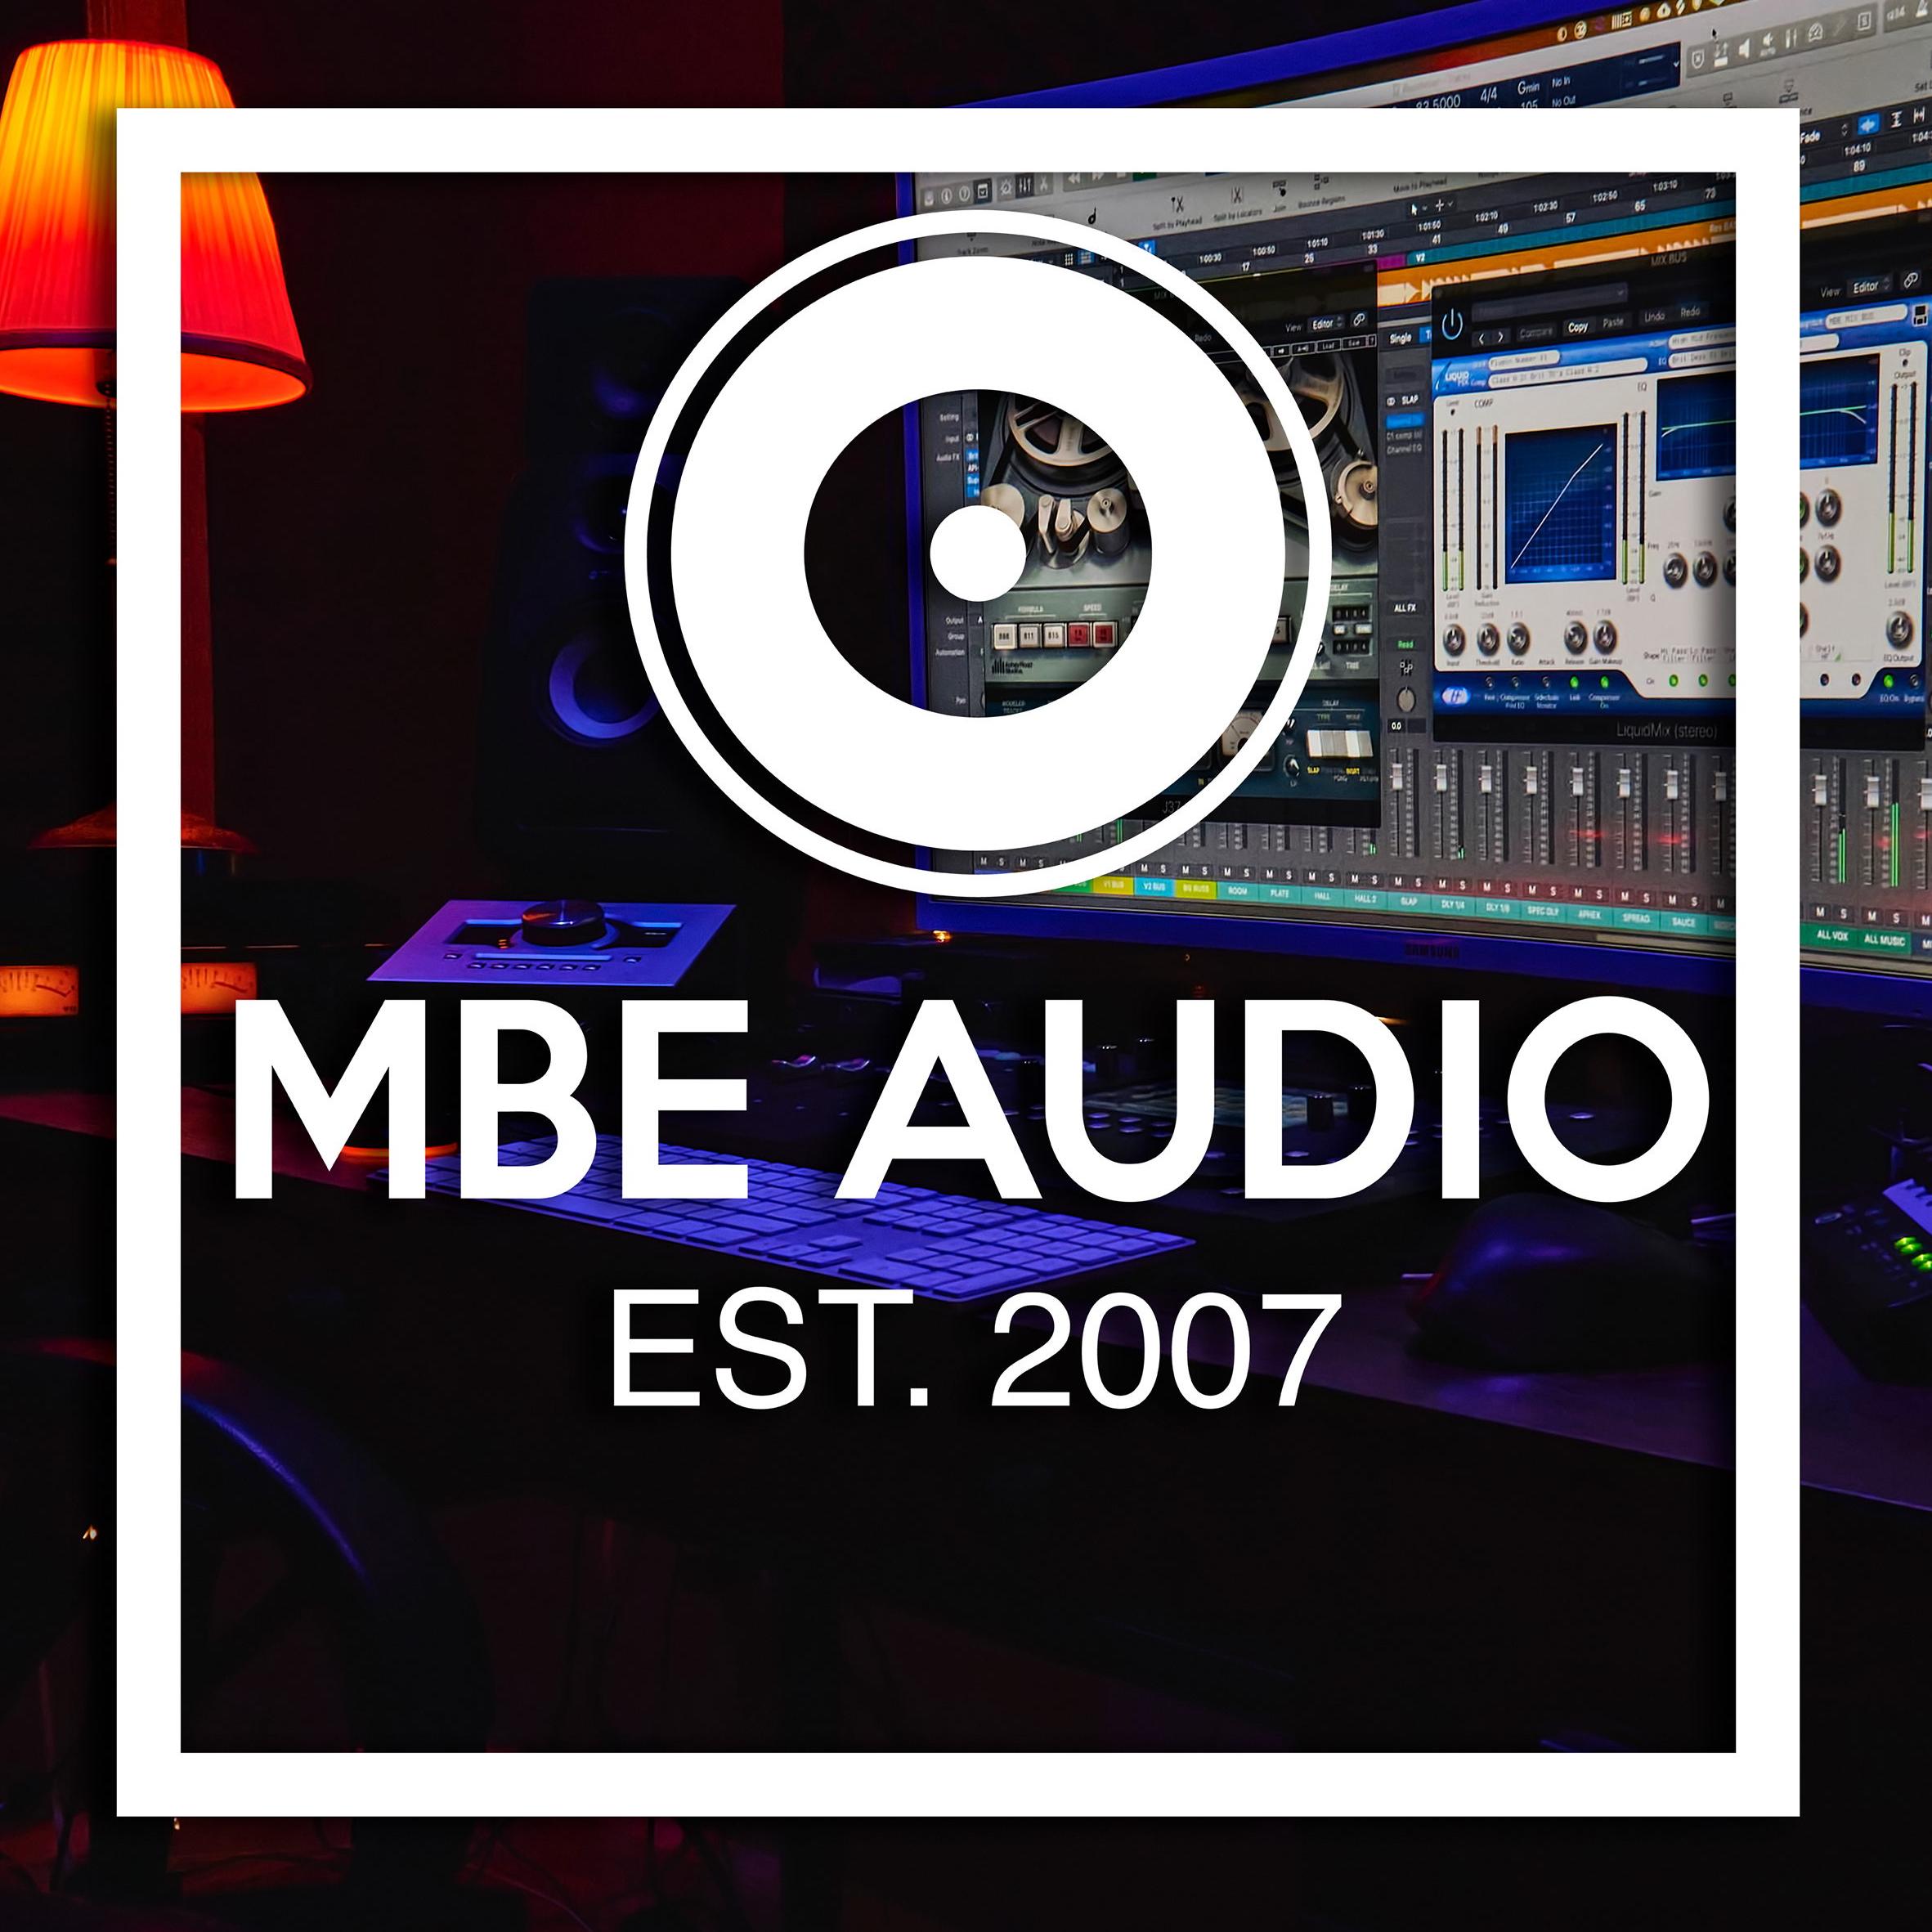 MBE AUDIO